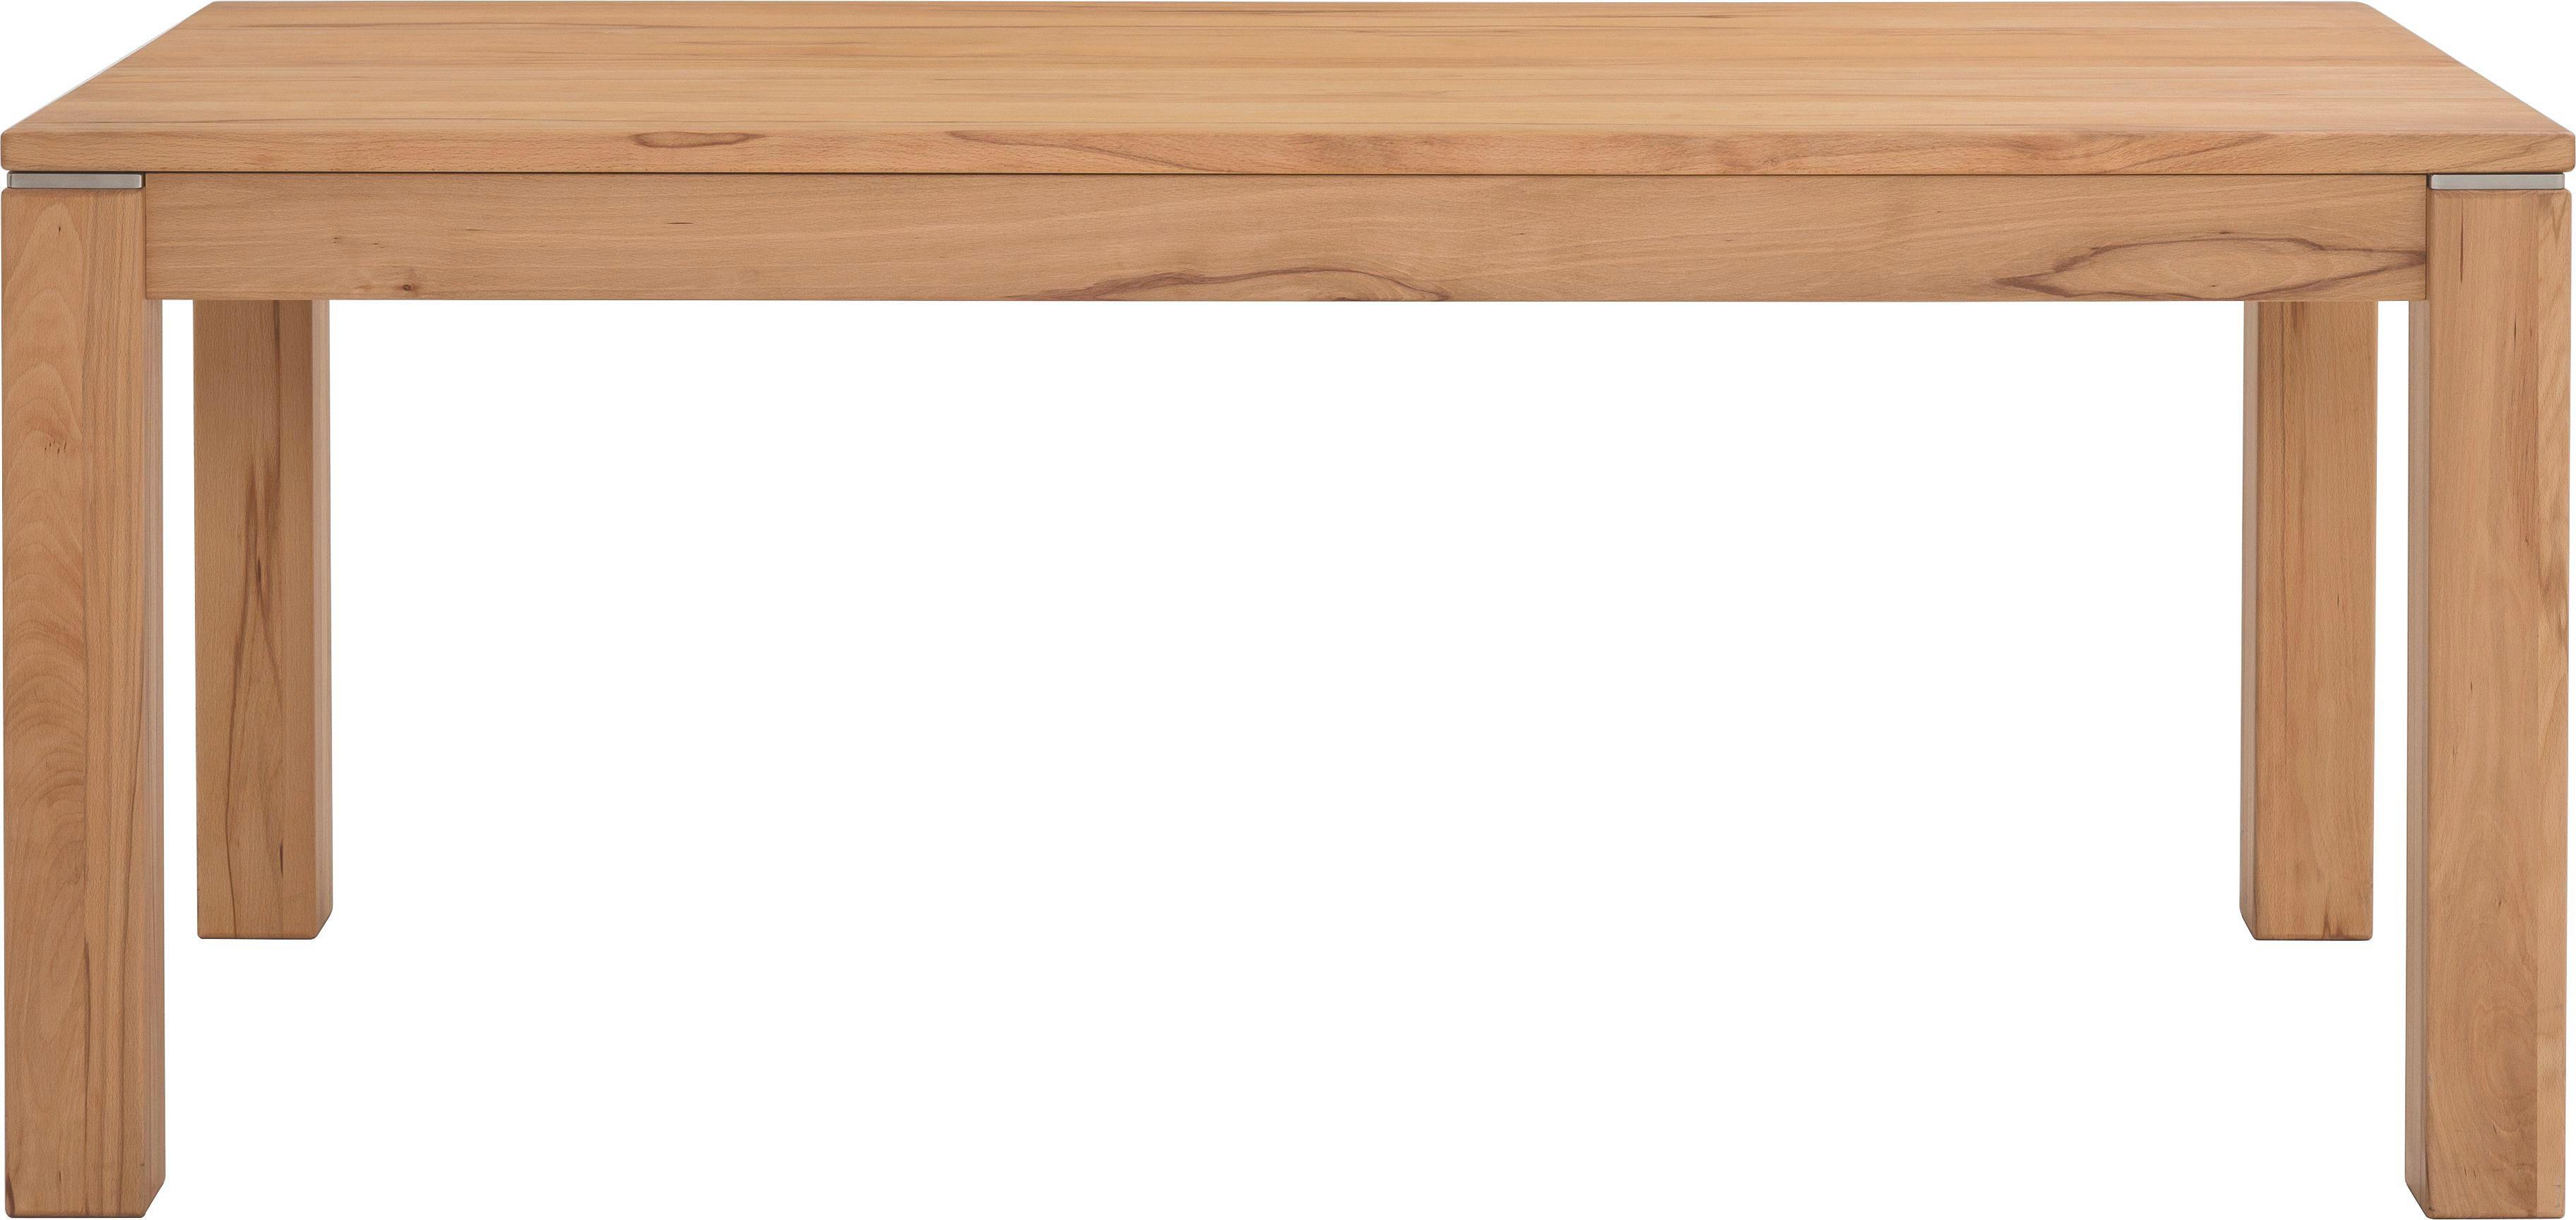 ESSTISCH Rotkernbuche massiv rechteckig Buchefarben - Buchefarben, Design, Holz (180(280)/76/95cm) - CASSANDO